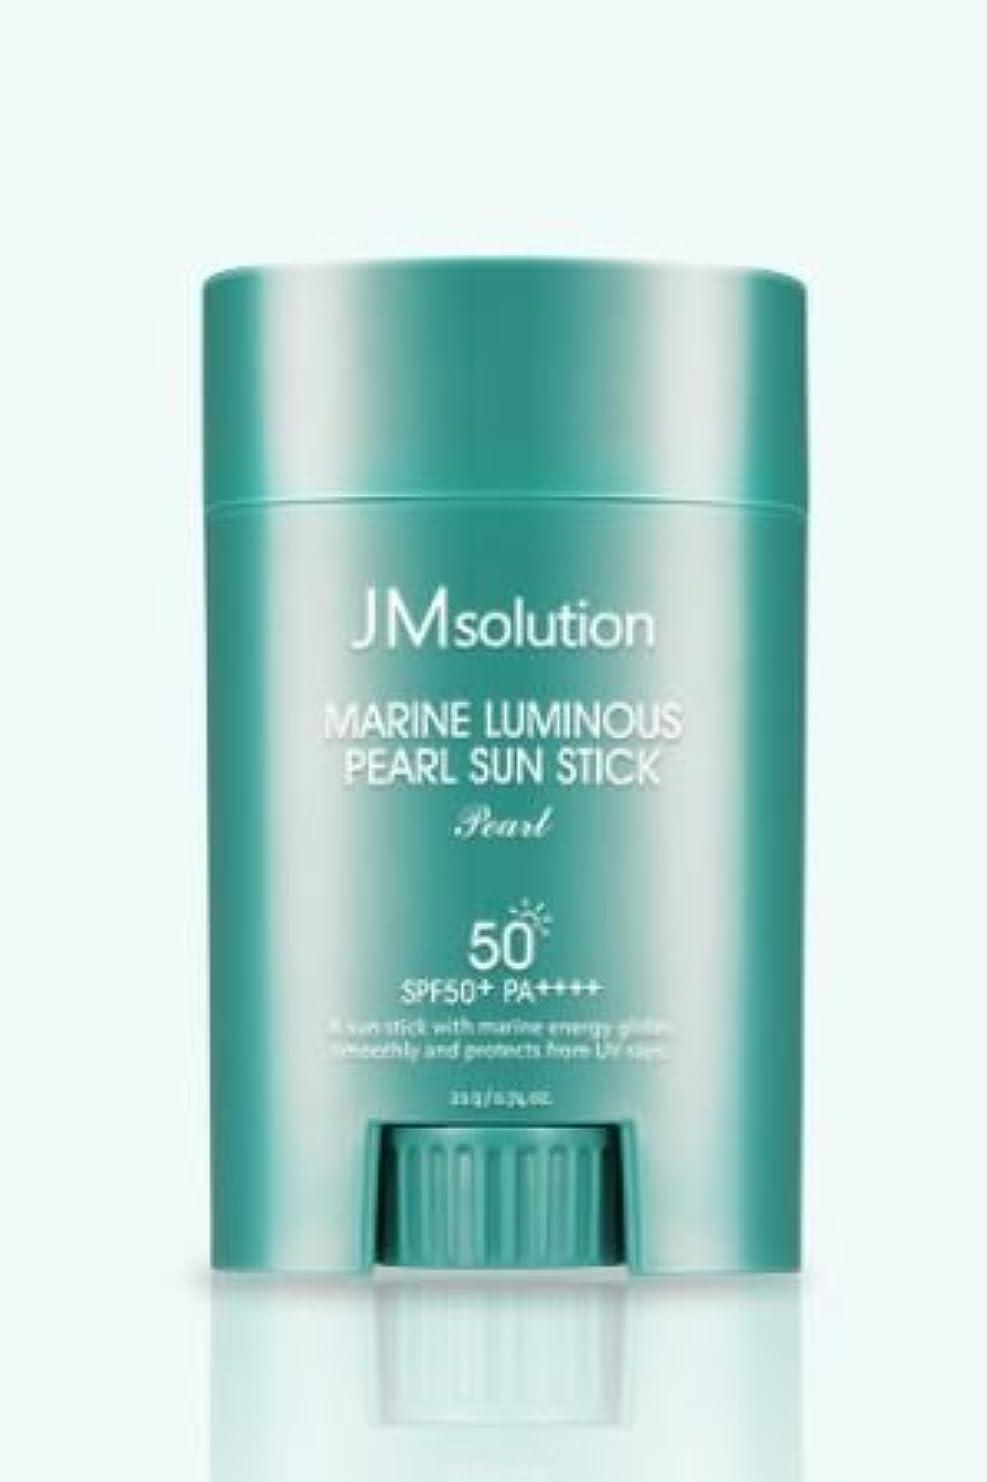 がっかりする落ち着く差[JMsolution] Marine Luminous Pearl Sun Stick 21g SPF50+ PA++++ [並行輸入品]